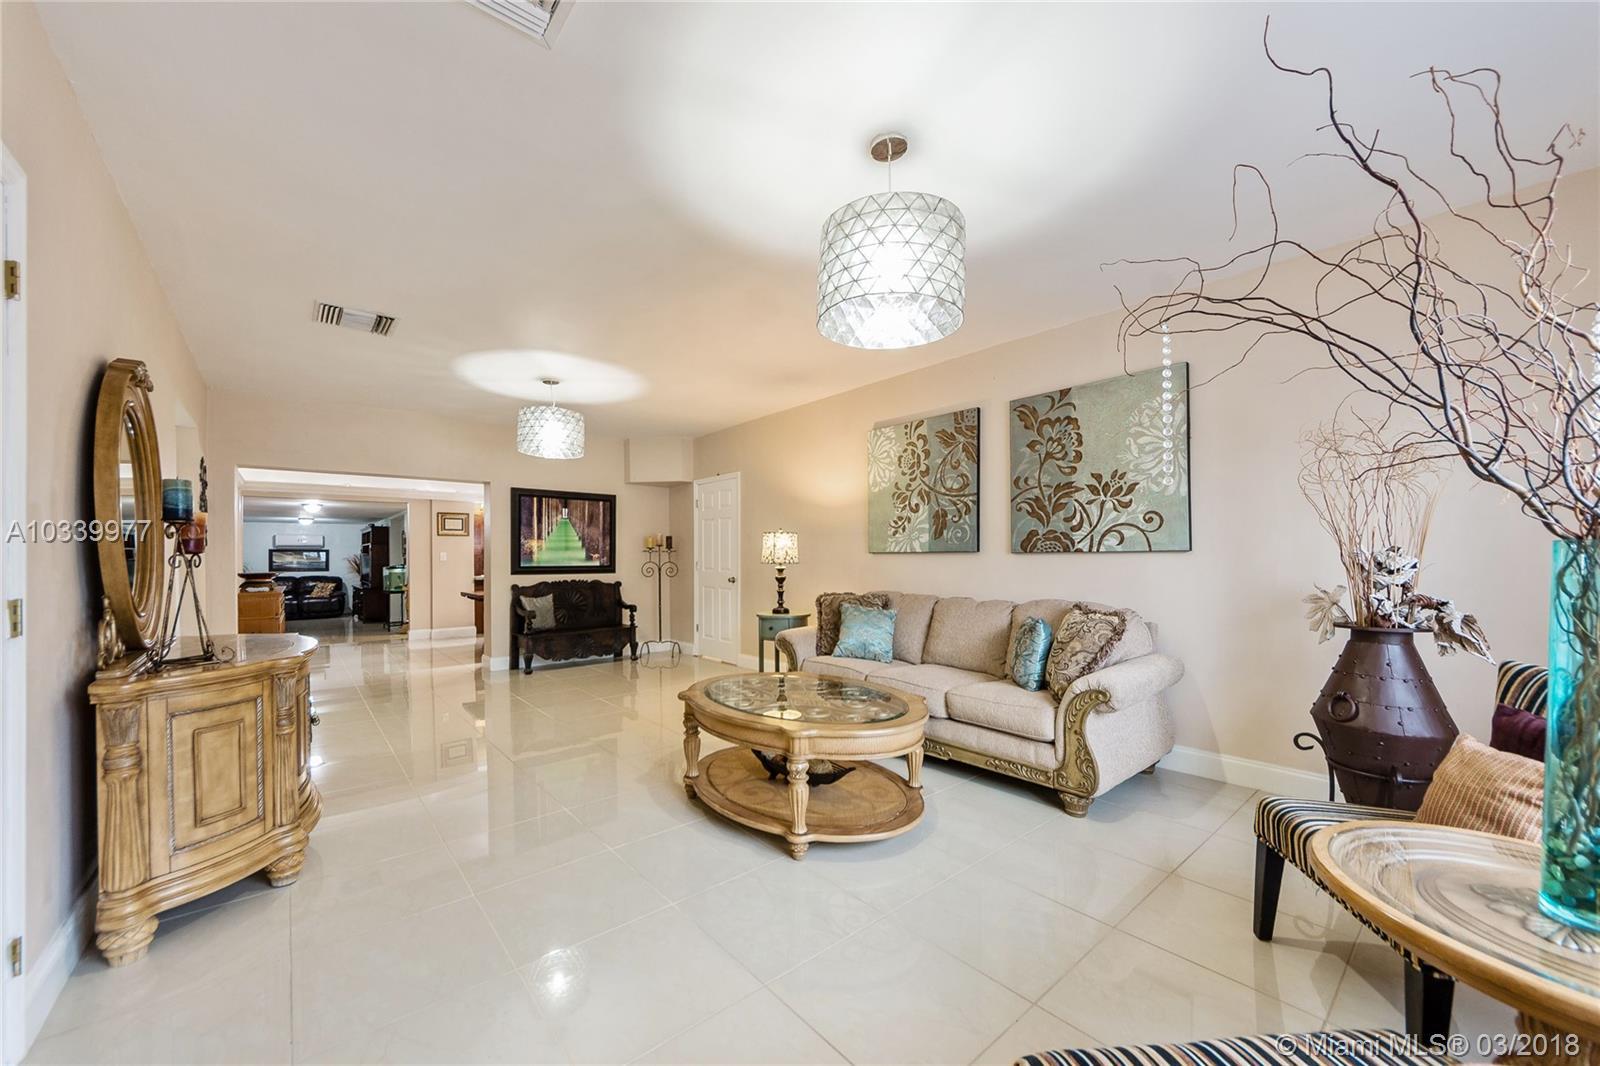 1564 Sw 12th Ave, Miami FL, 33129